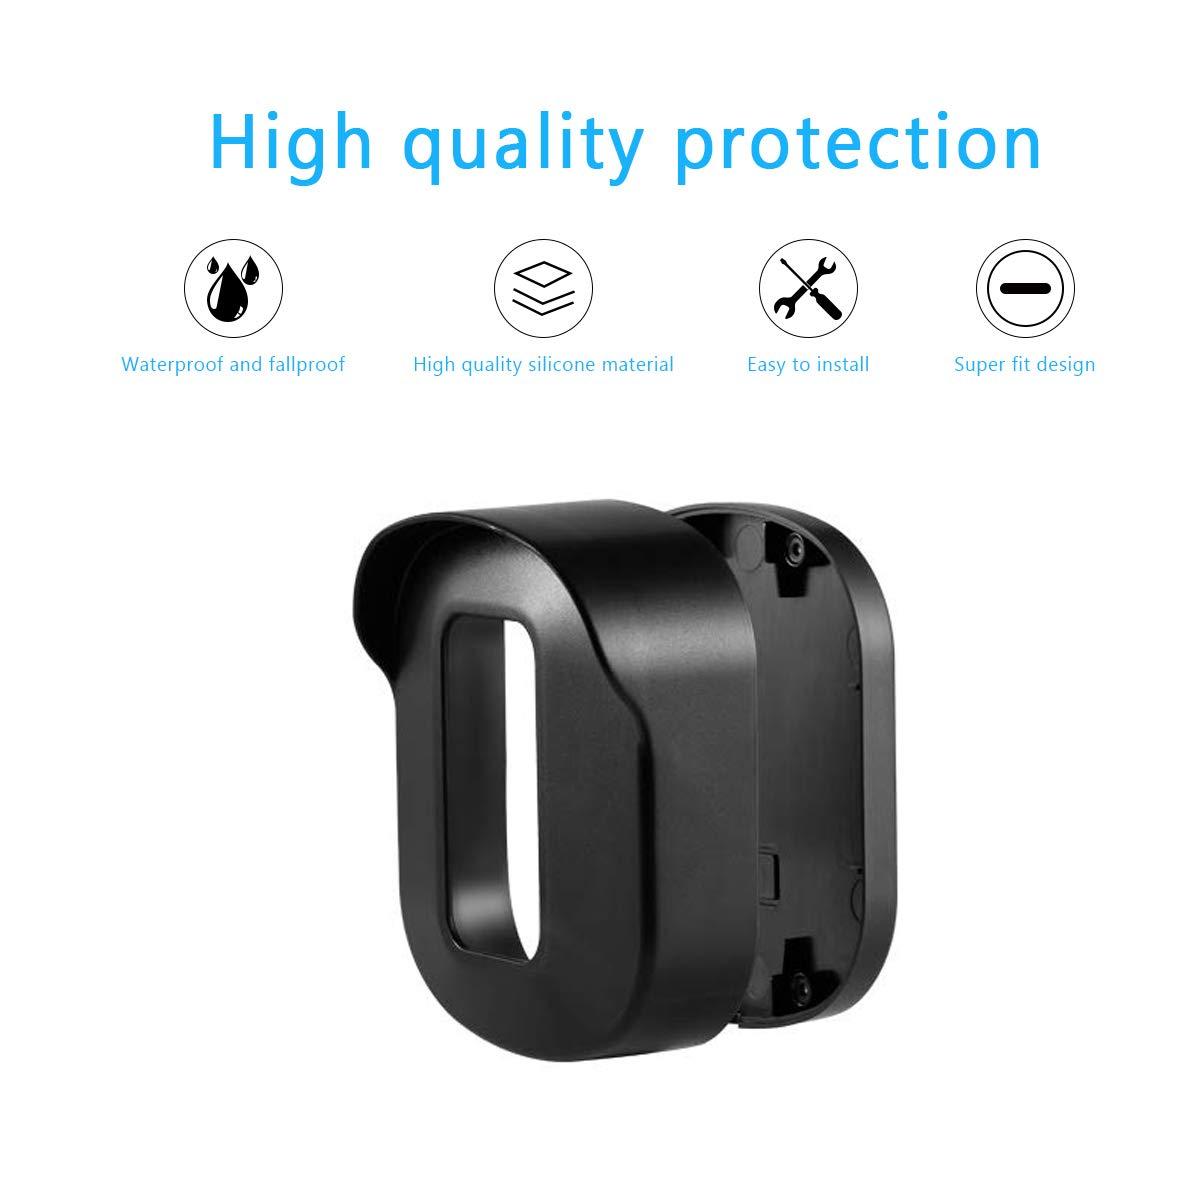 Cubierta Protectora con Soporte Ajustable para Sistema de c/ámara de Seguridad para el hogar Blink XT Soporte de Pared Blink XT Sonomo Resistente a la Intemperie